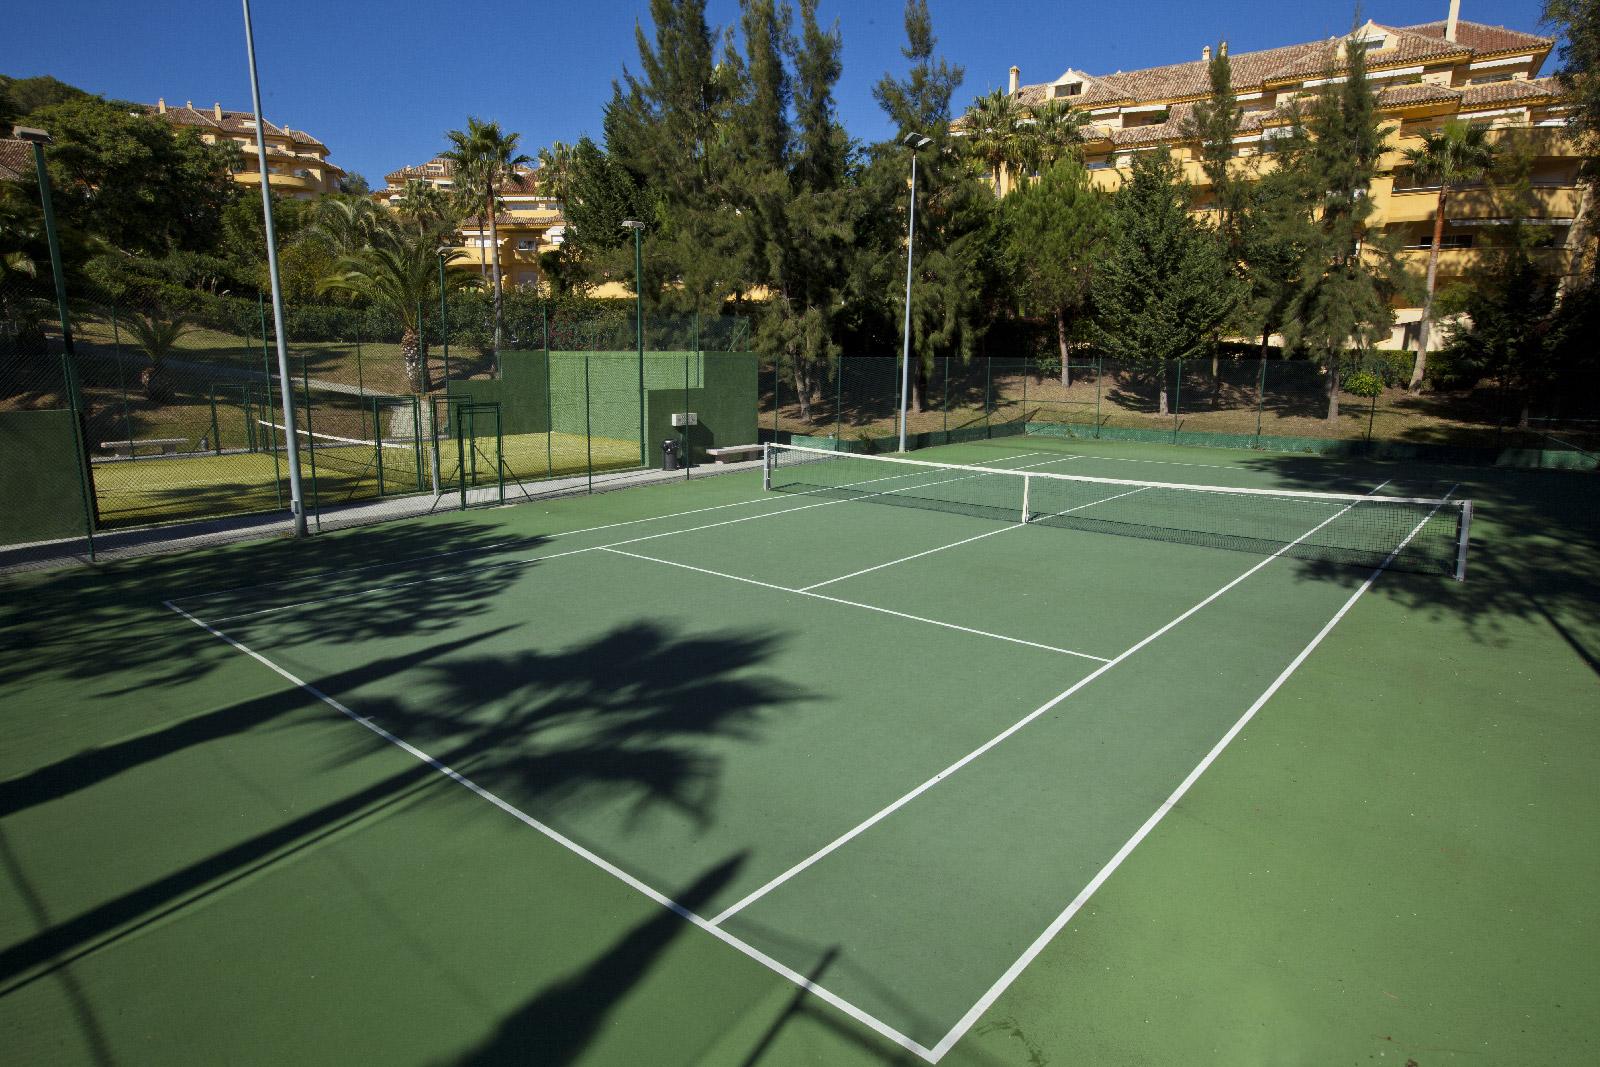 b21b22d8b86 Pista de tennis ...